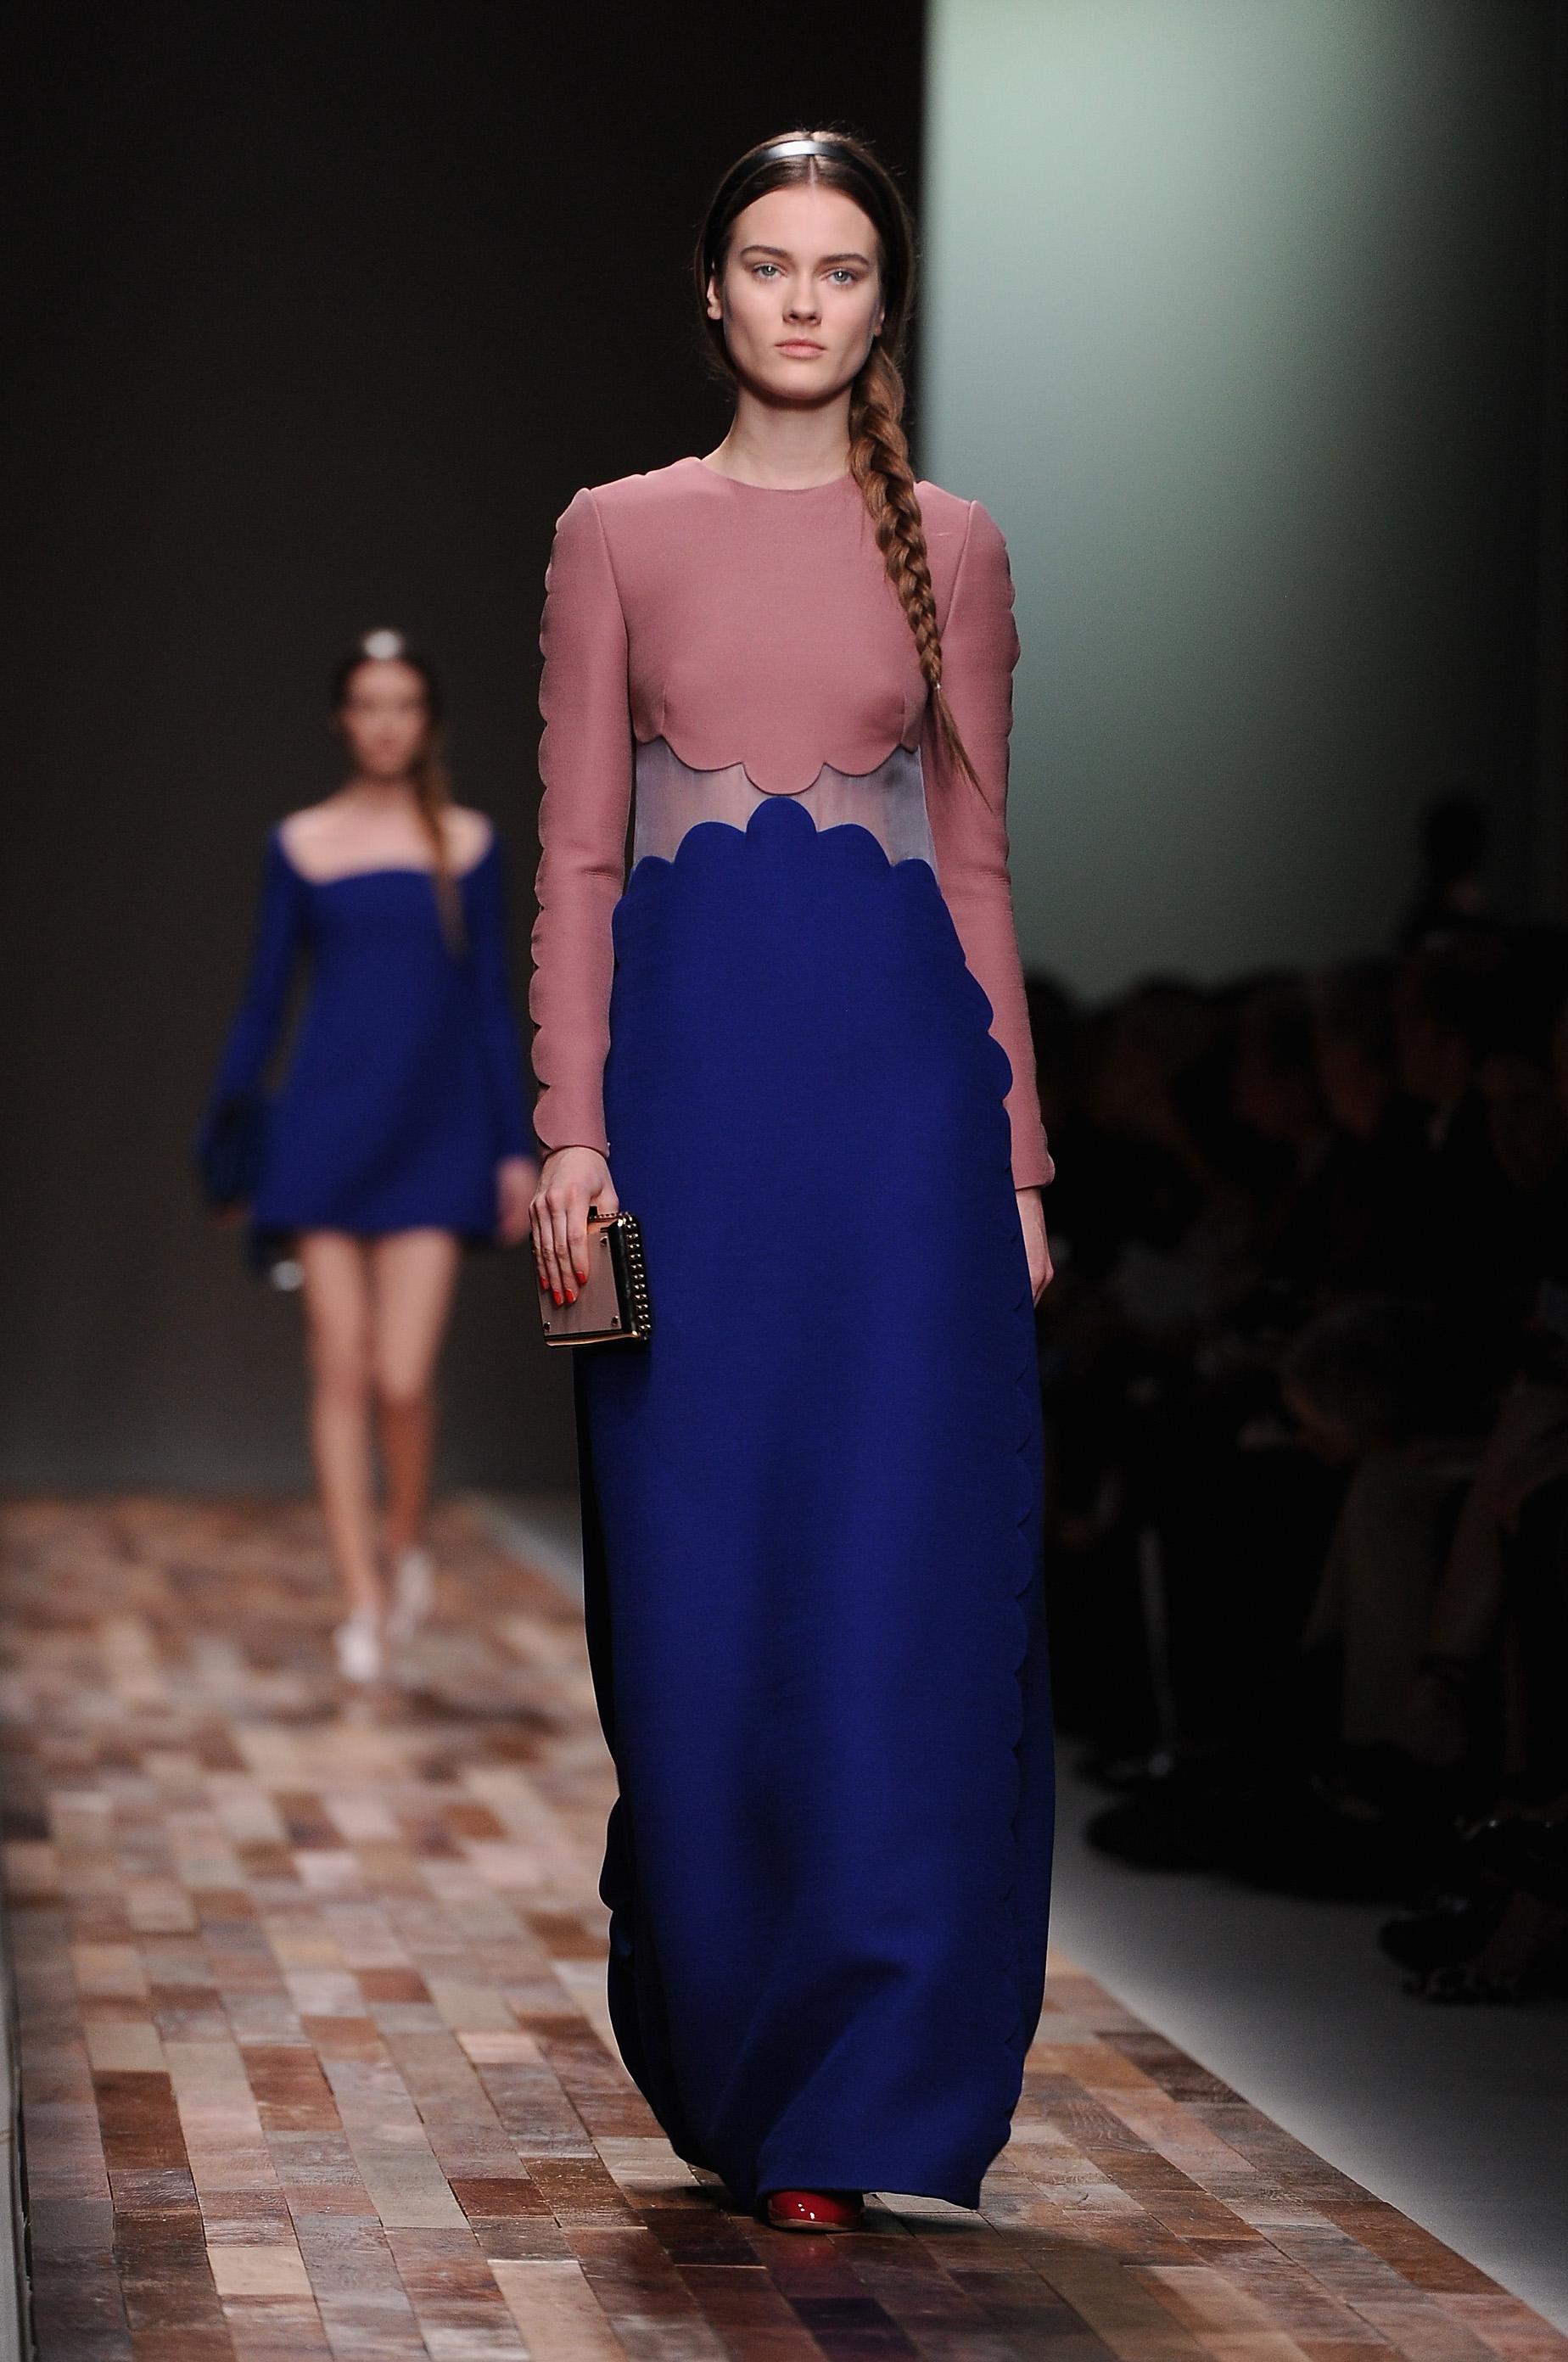 Колекція від Valentino на Паризькому тижні моди. Фото: Pascal Le Segretain / Getty Images